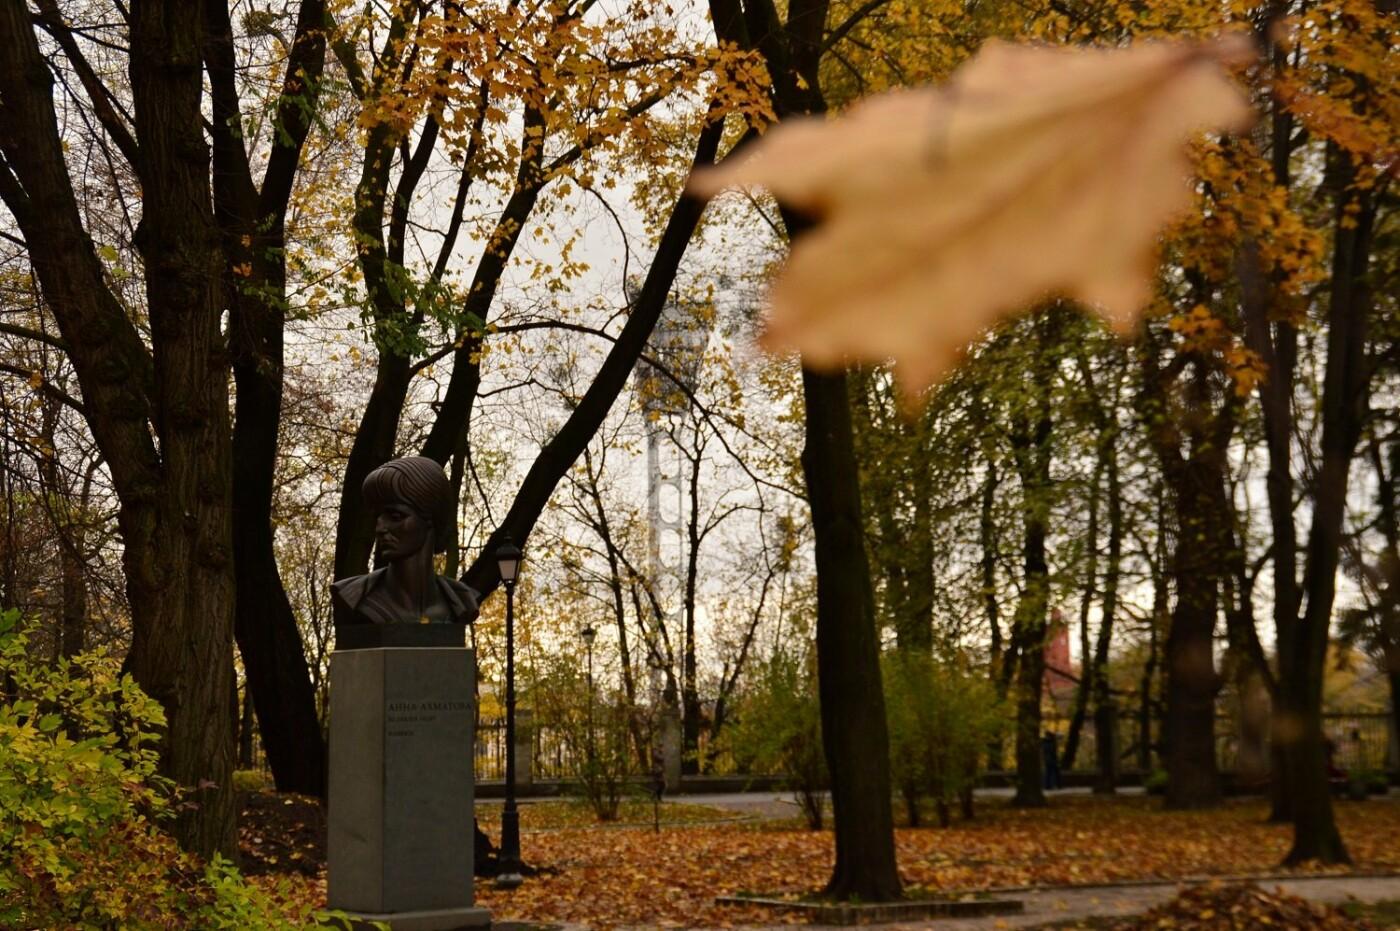 Деревья Городского сада: чем примечателен самый старый парк Киева, - ФОТО, Фото: miho S